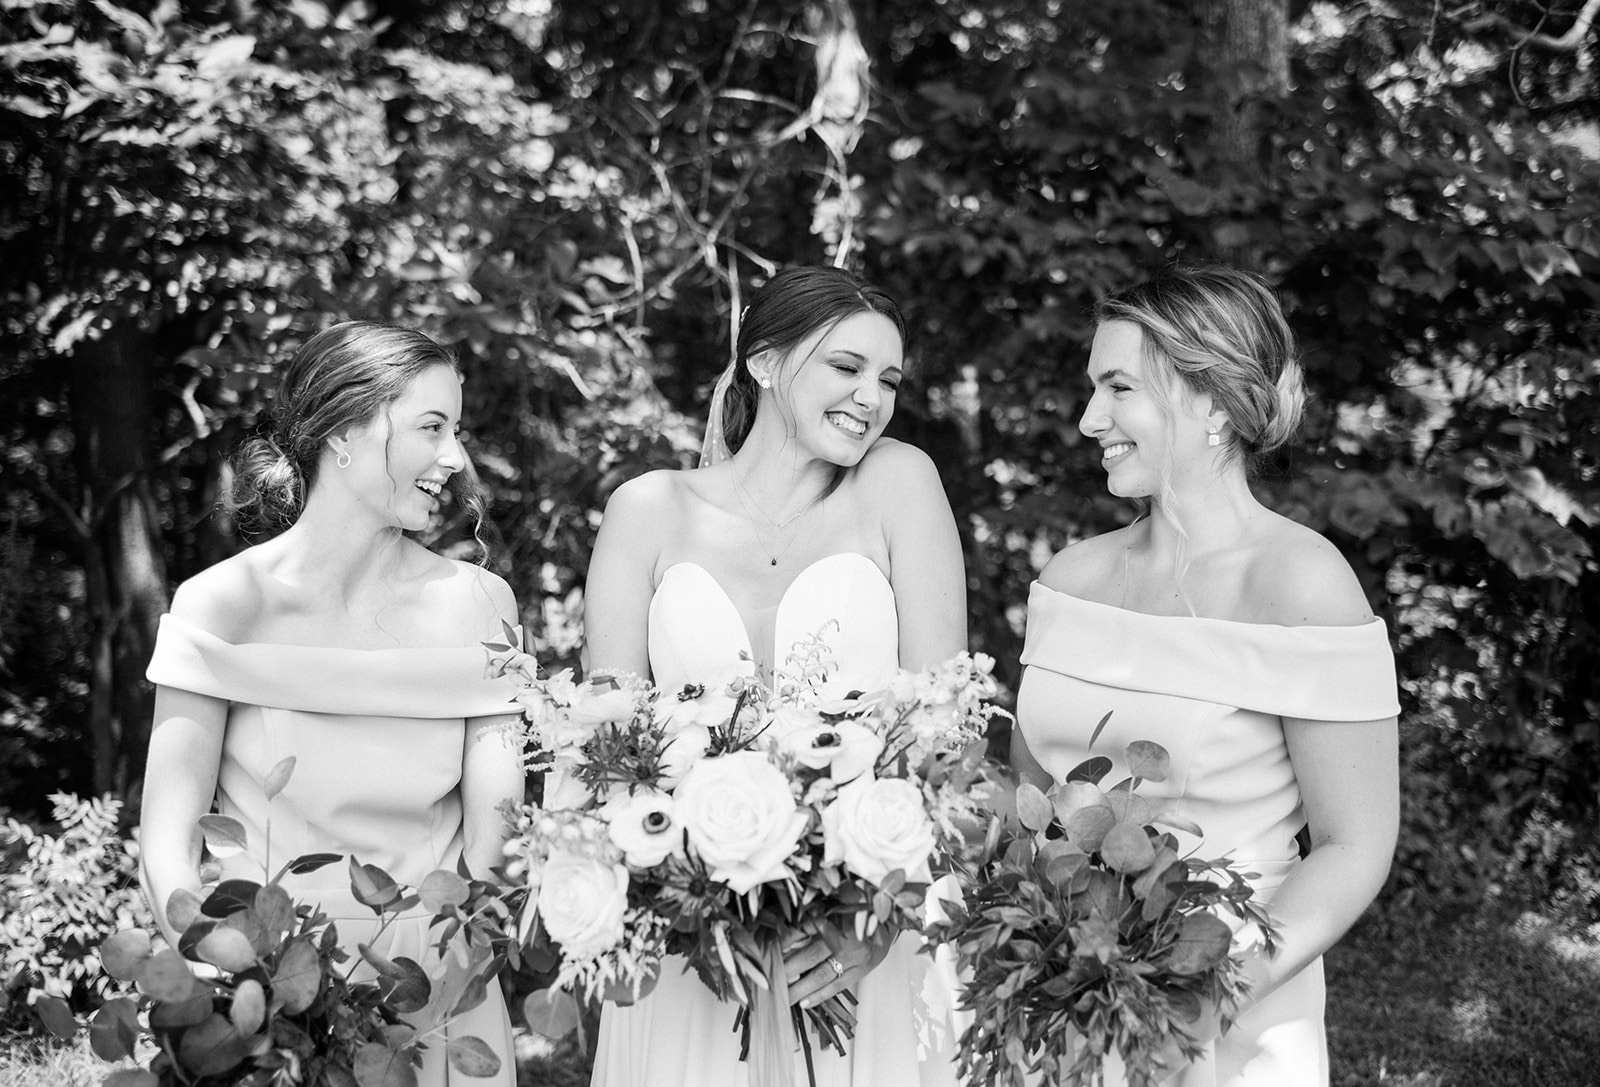 bridal party at a wedding